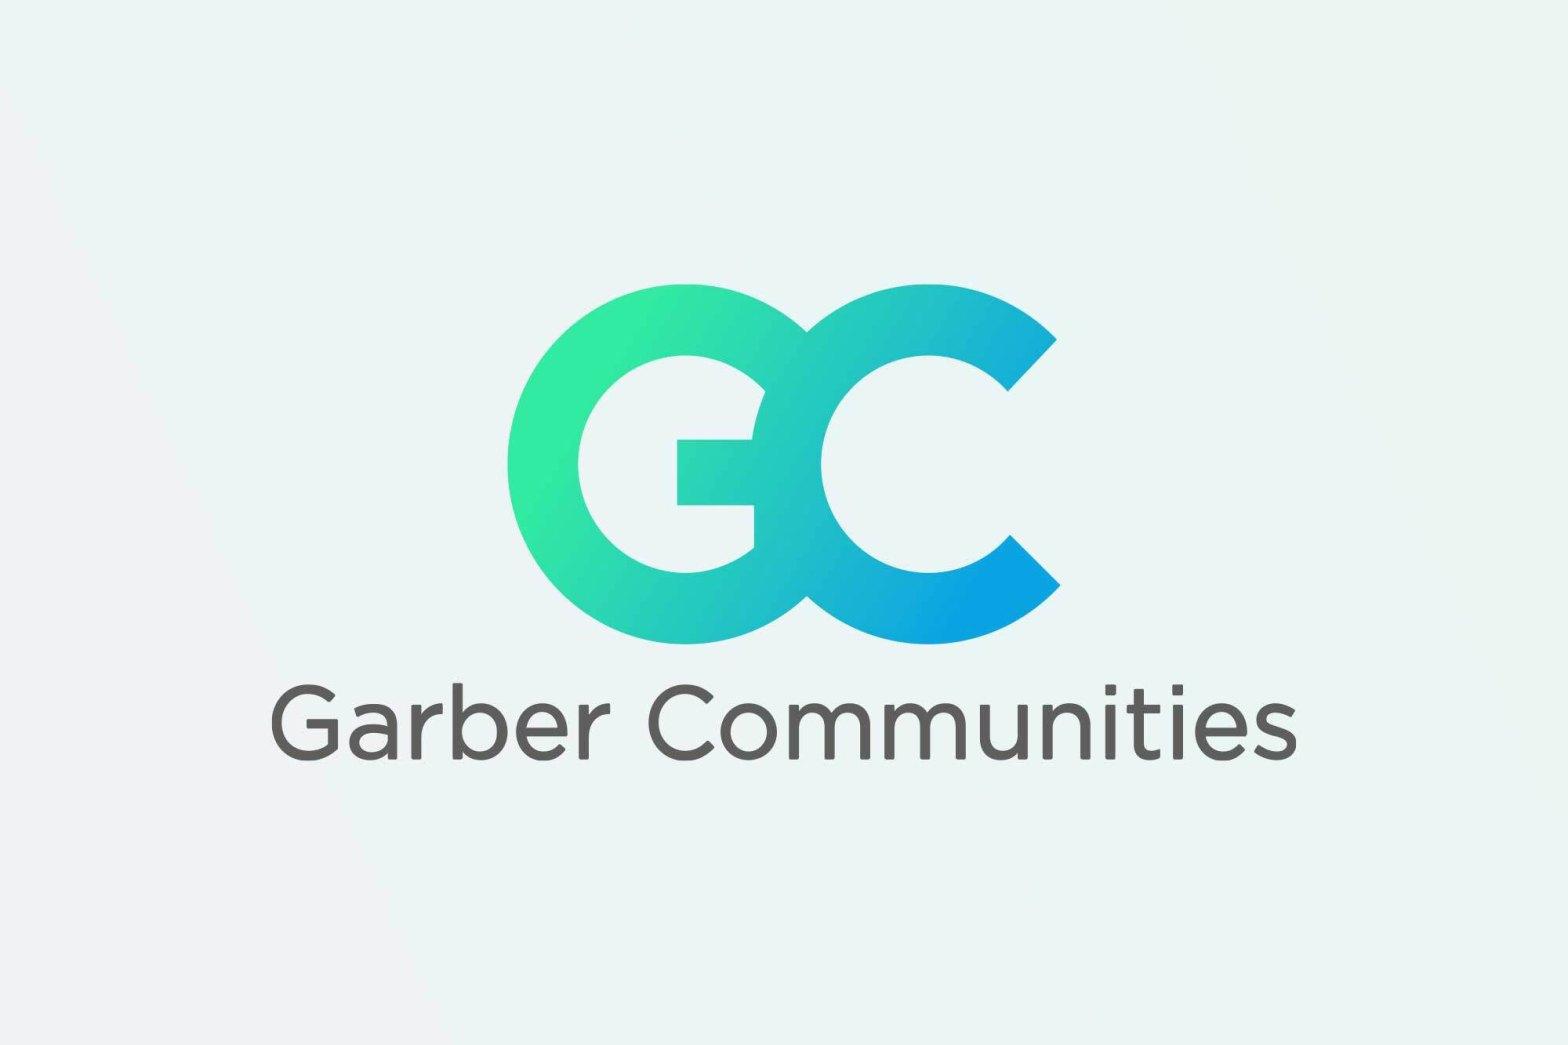 Garber Communities blue logo